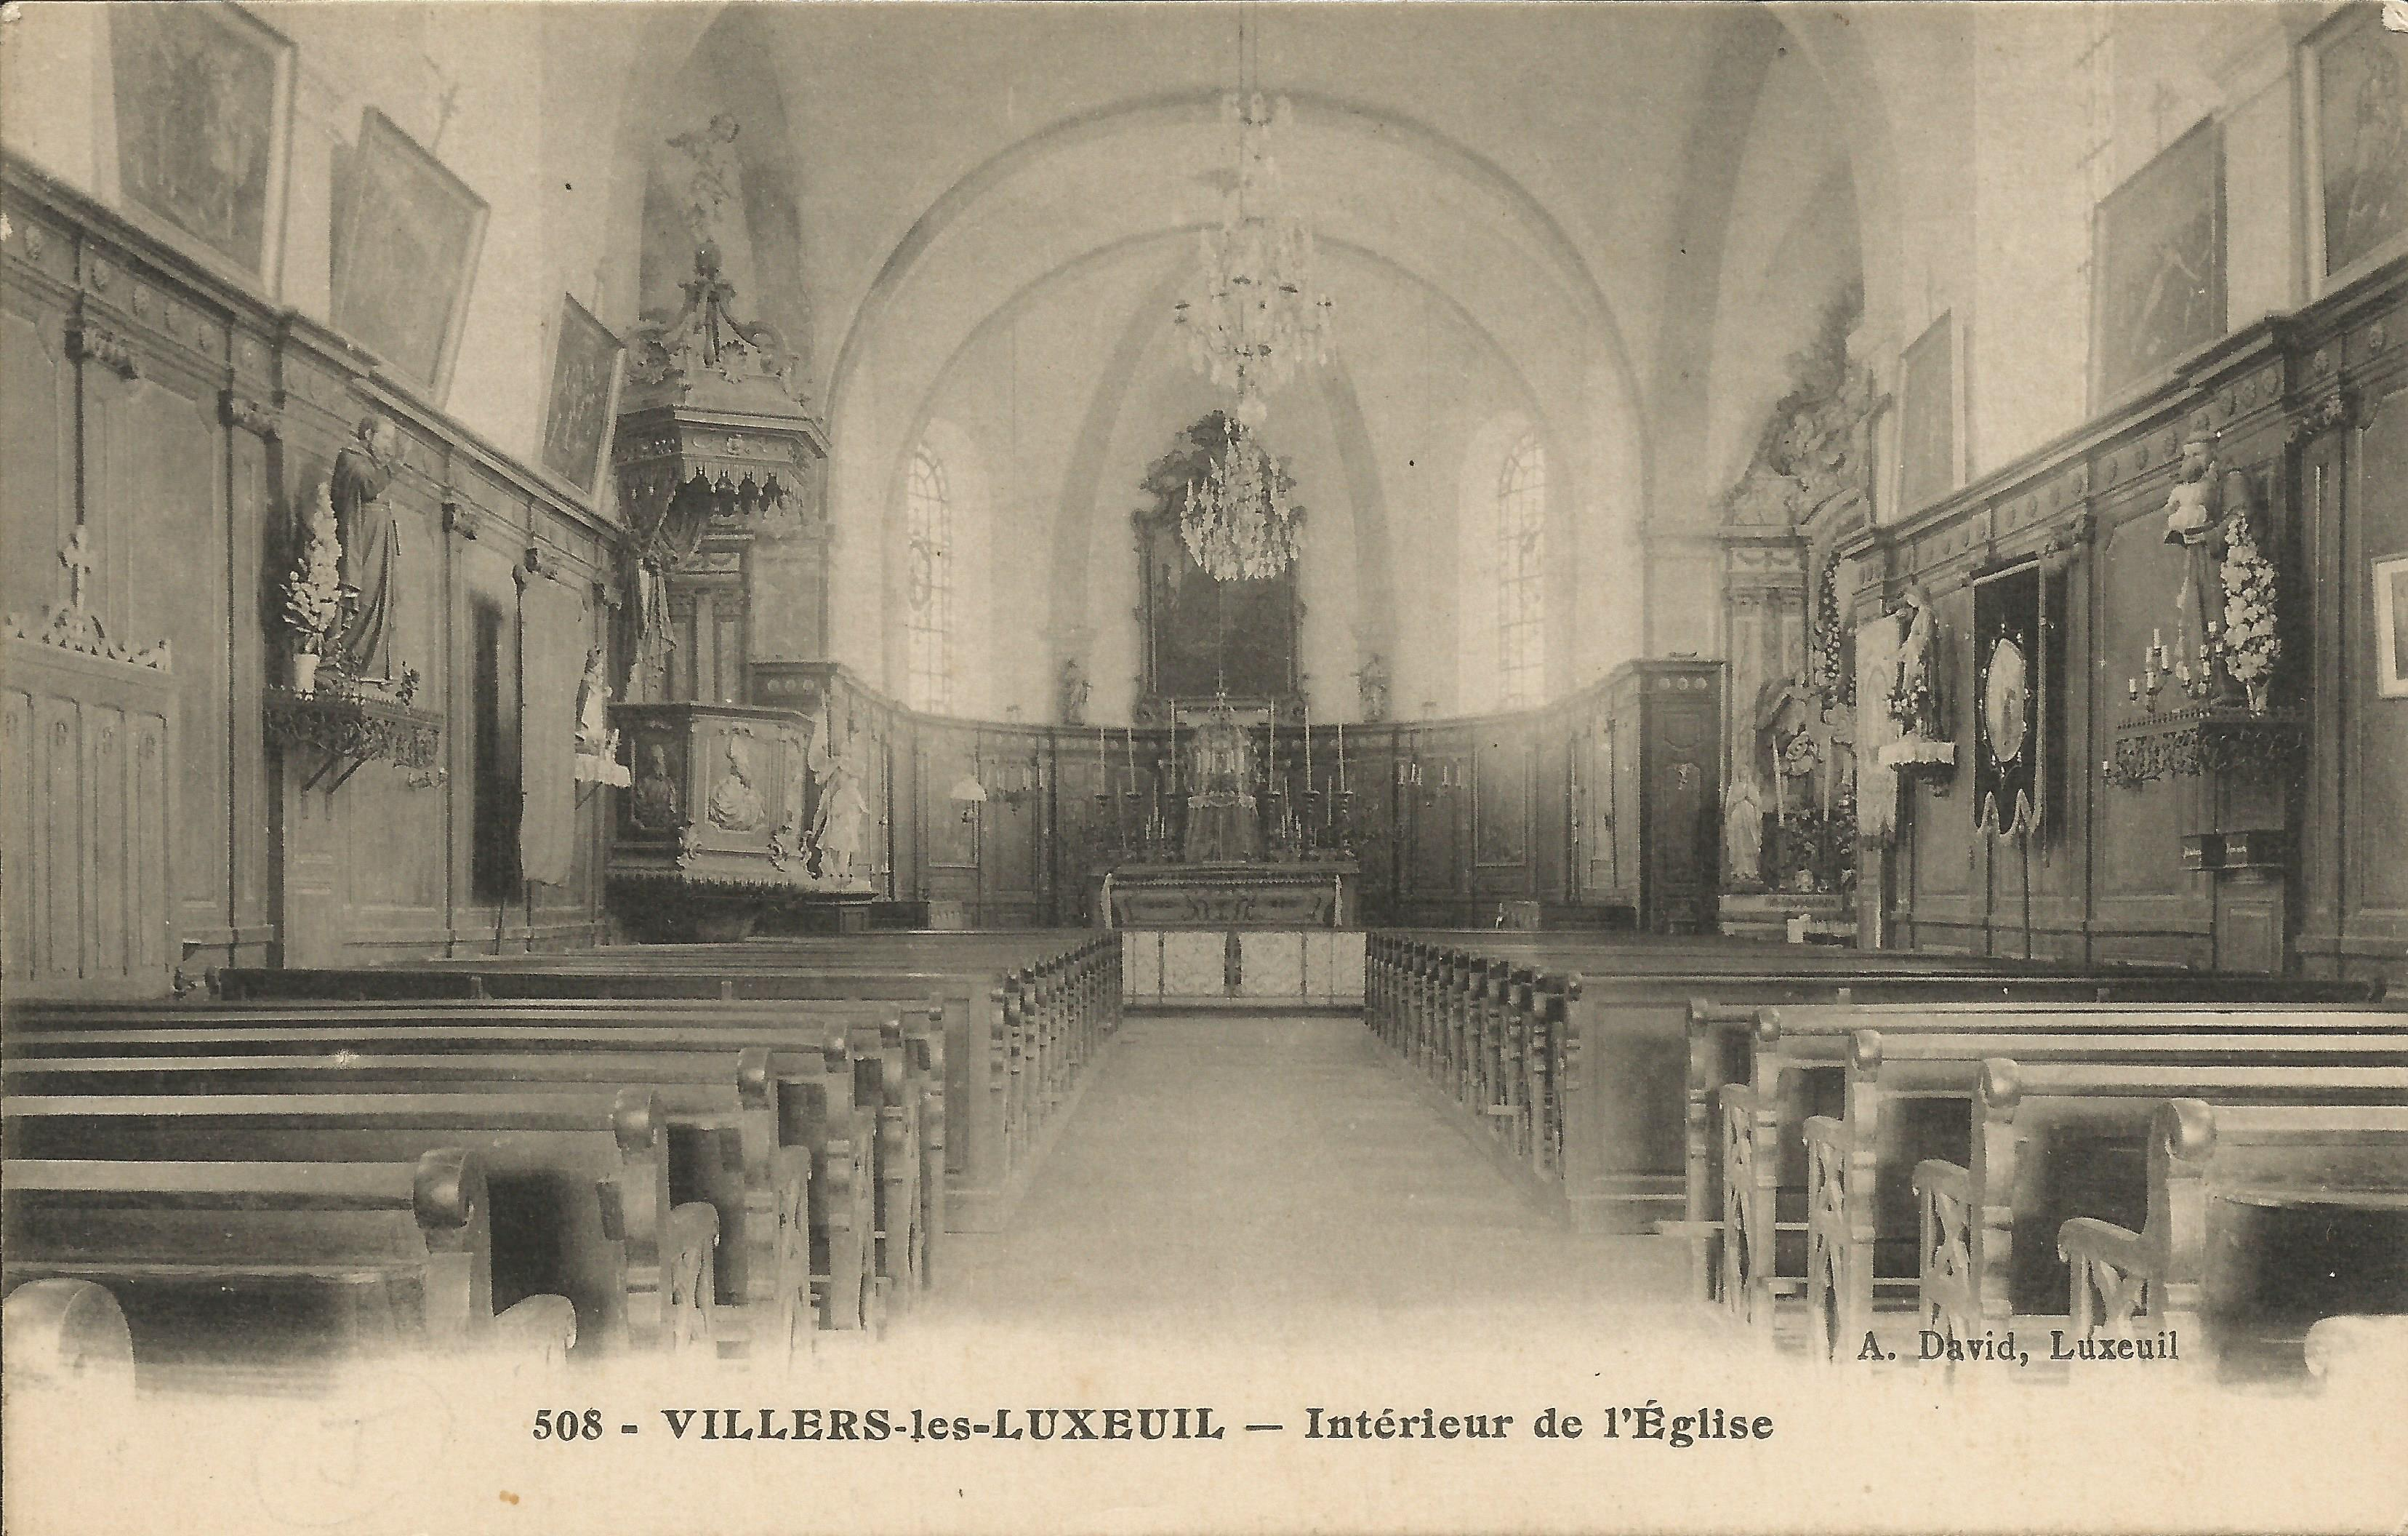 https://www.villers-les-luxeuil.com/projets/villers/files/images/Cartes_postales/EgliseInt_2015/LEglise_5.jpg